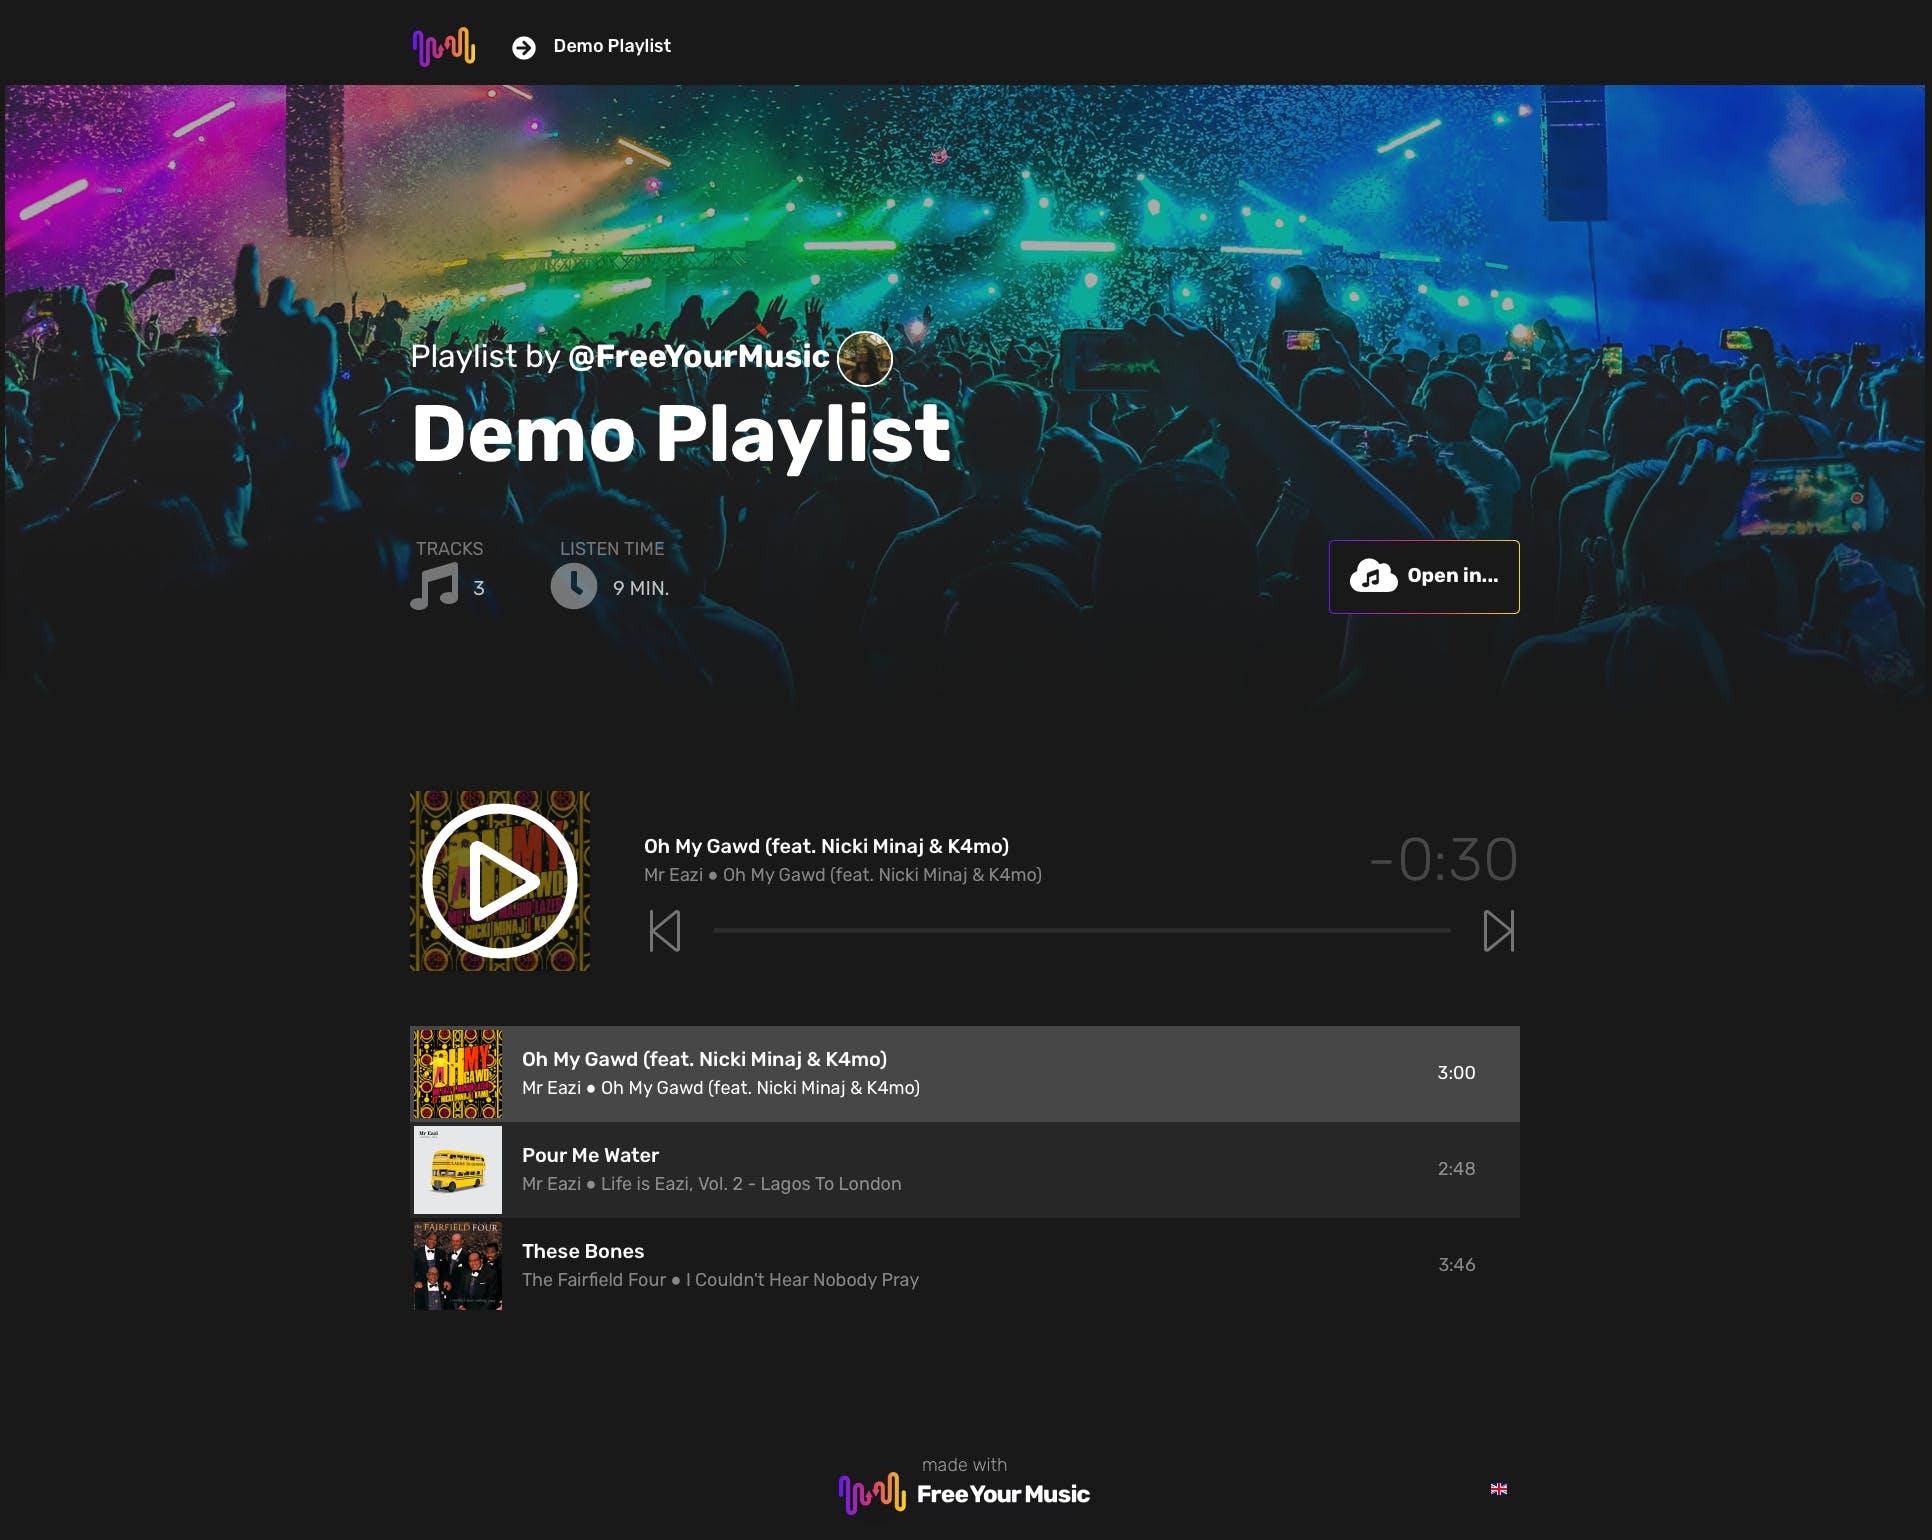 Promoot je muziek op alle streamingplatforms met een enkele slimme link. Stuur fans naar een gestroomlijnde landingspagina waar ze je afspeellijsten kunnen openen in hun favoriete muziek streaming app.